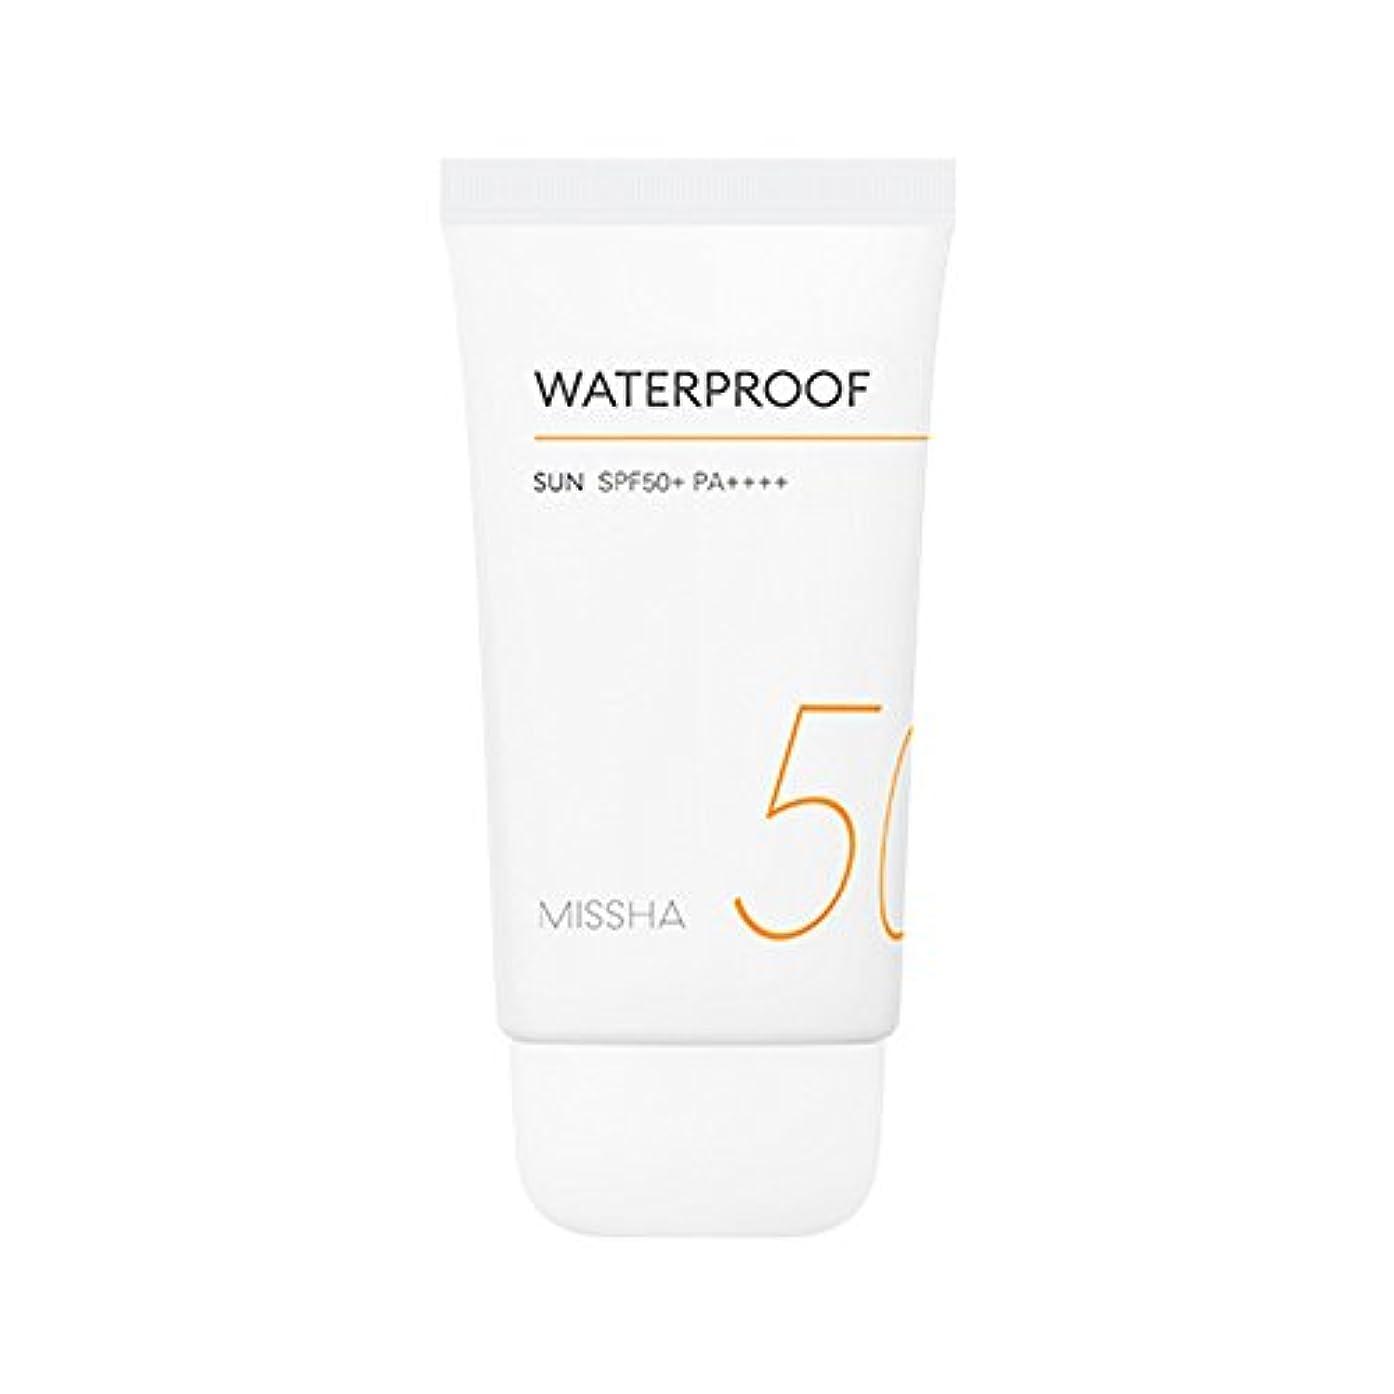 倒産熟すベテランMissha All Around Safe Block Waterproof Sun SPF50+ PA++++ 50ml ミシャ オール アラウンド セーフ ブロック ウォータープルーフ サン 50ml [並行輸入品]